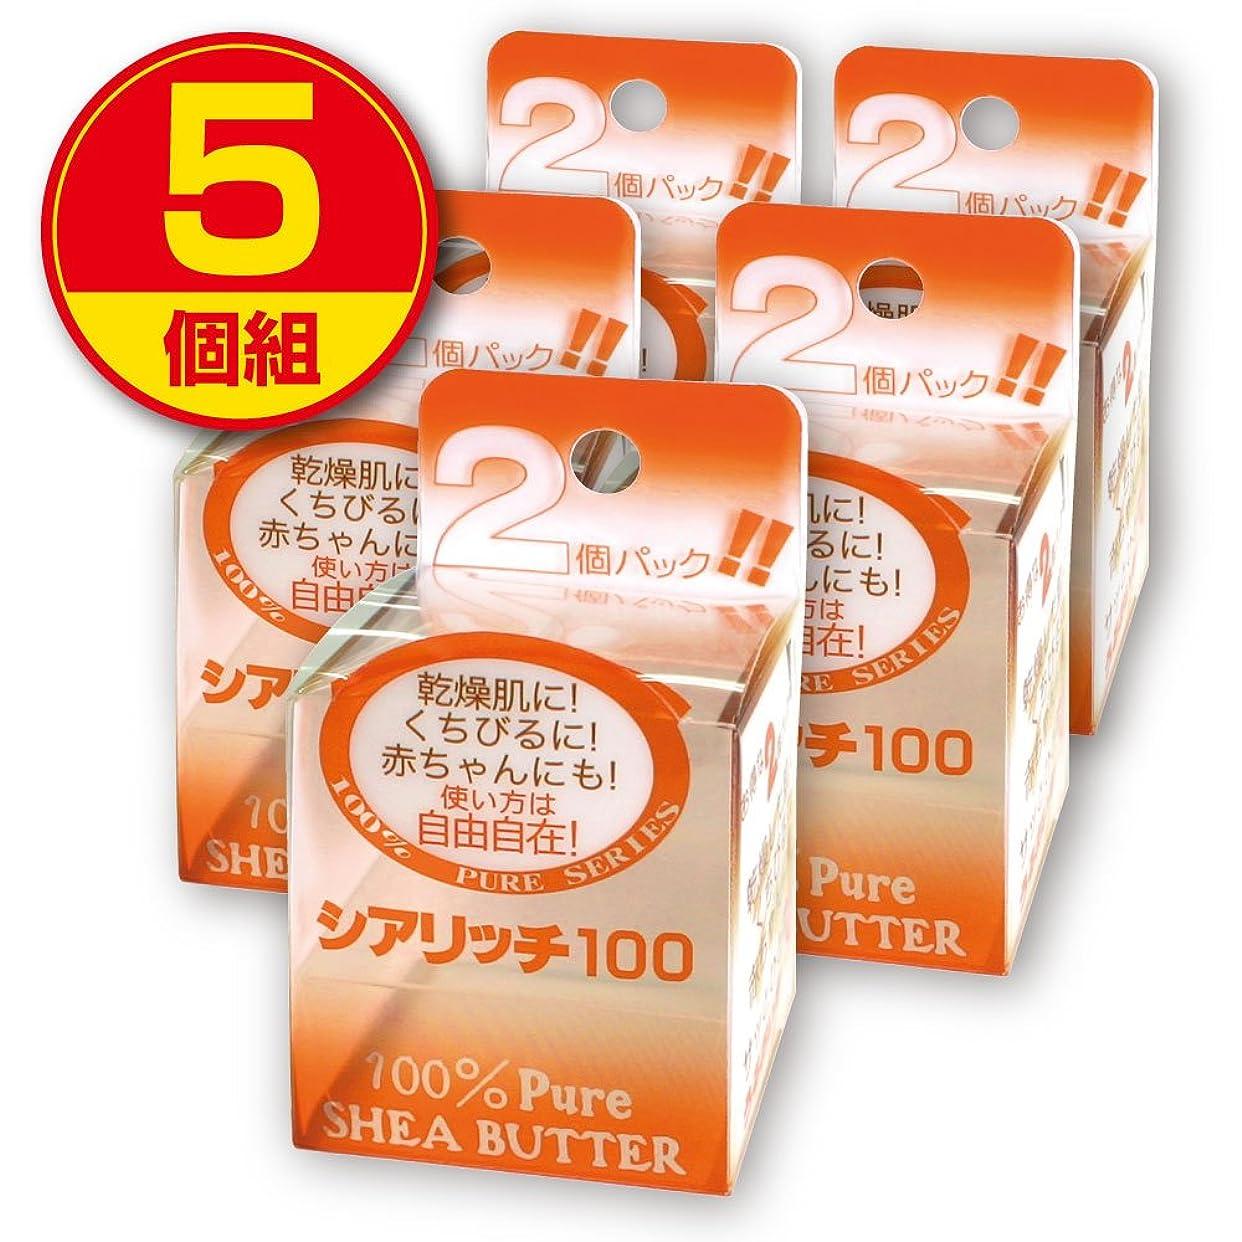 ファブリックパックお酢日本天然物研究所 シアリッチ100 (8g×2個入り)【5個組】(無添加100%シアバター)無香料